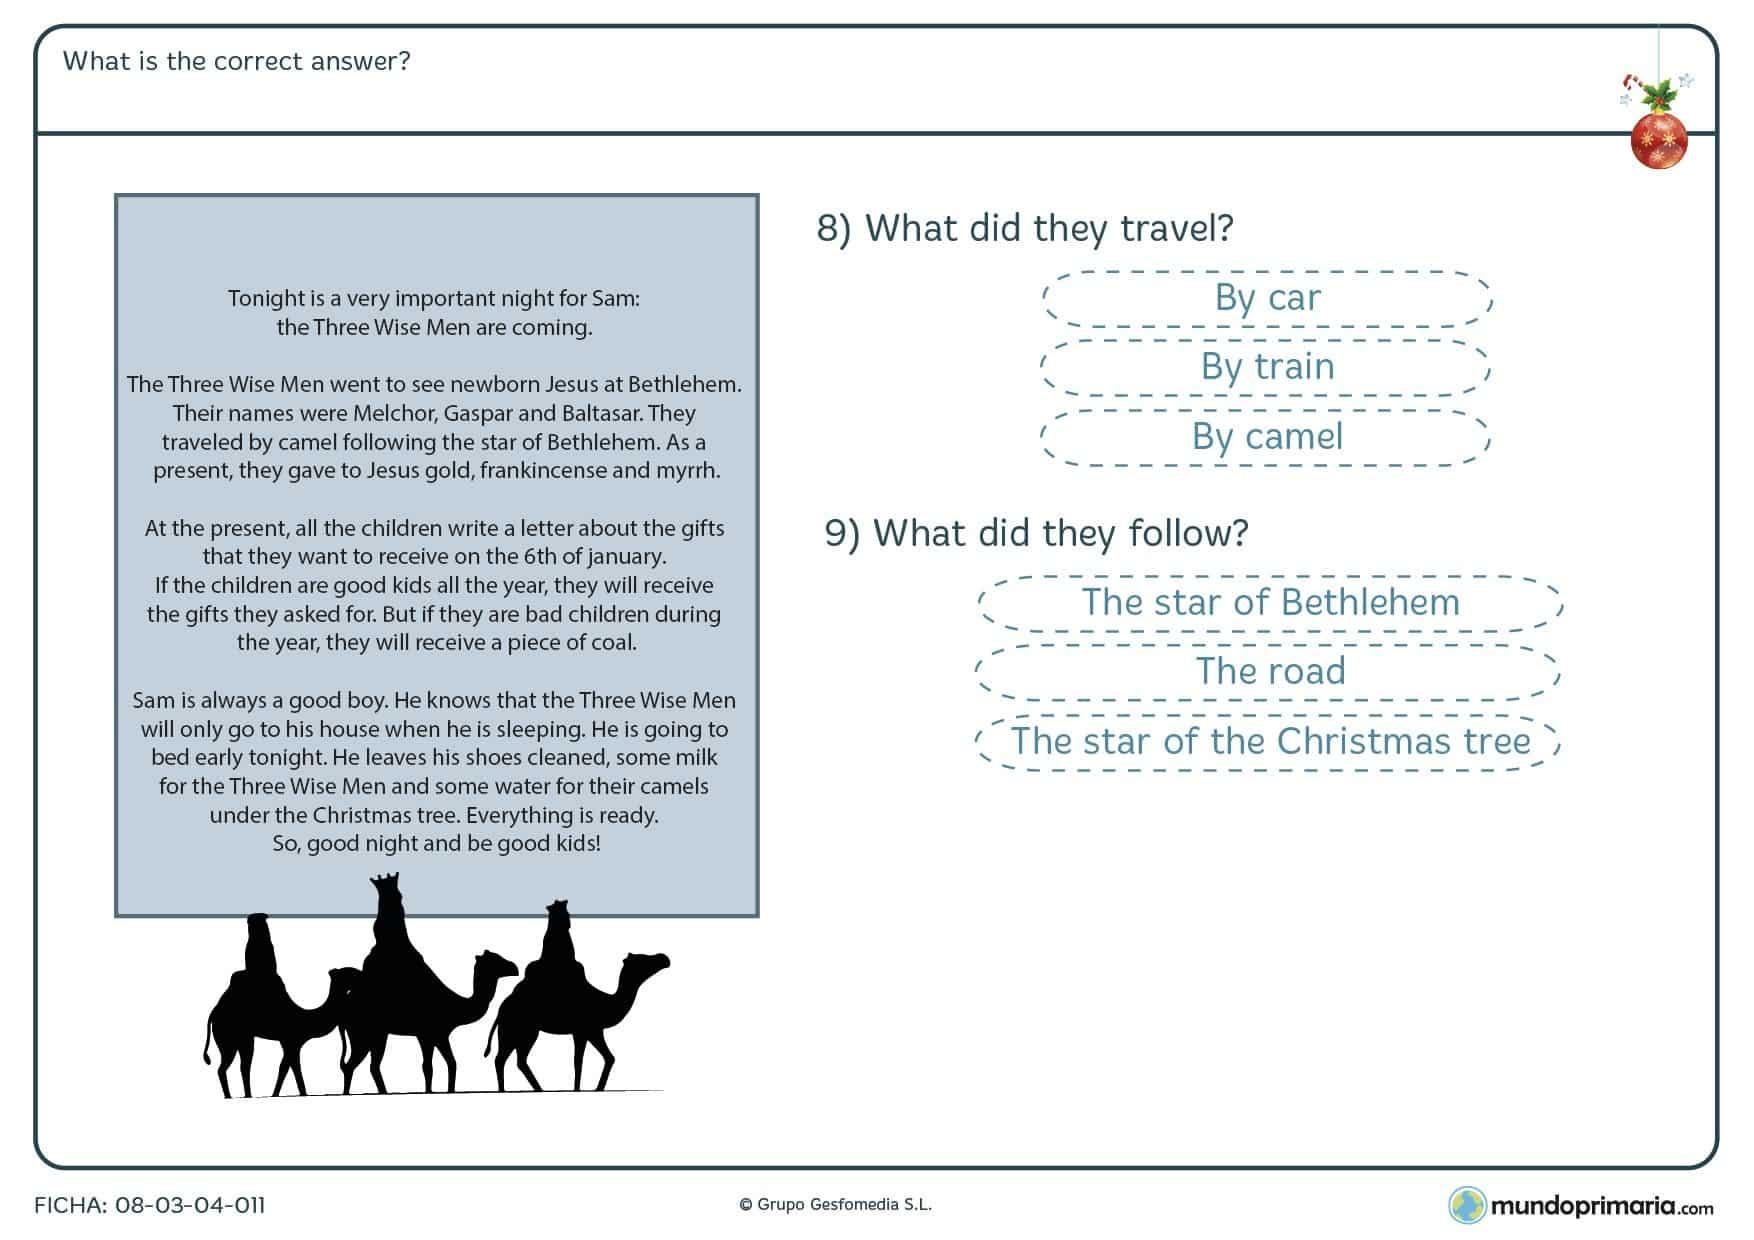 Ficha para niños de primaria de apoyo de Navidad de comprensión lectora en lengua inglesa consistente en elegir la respuesta correcta.